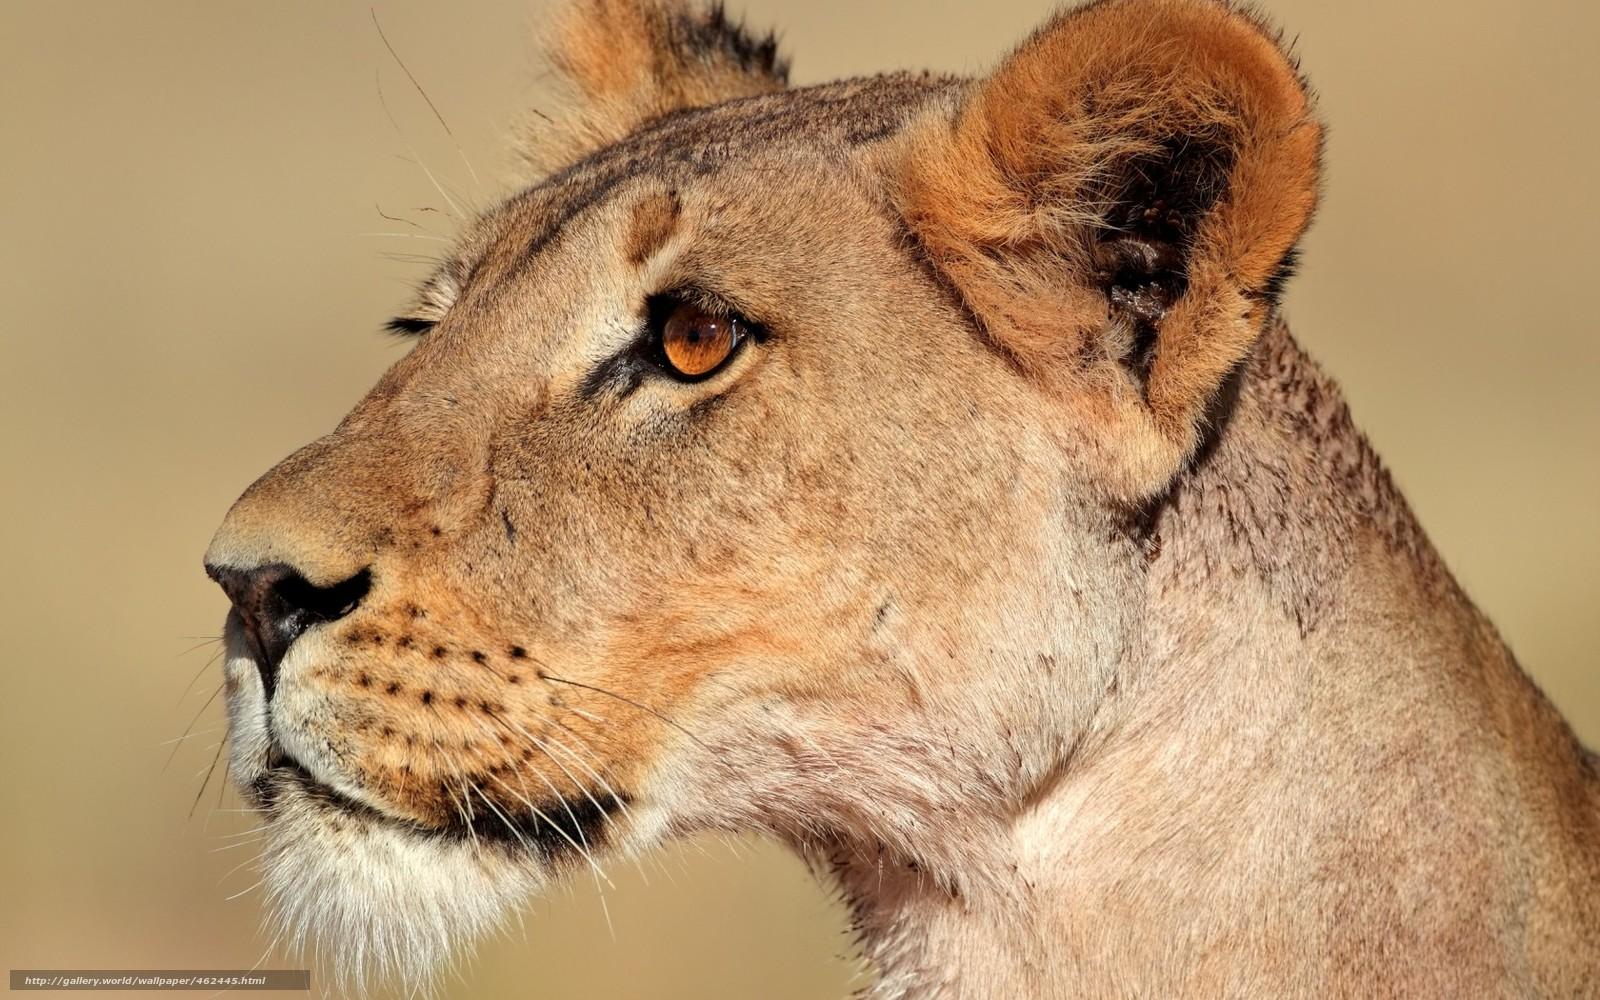 下载壁纸 母狮, 捕食, 野猫 免费为您的桌面分辨率的壁纸 1680x1050 — 图片 №462445